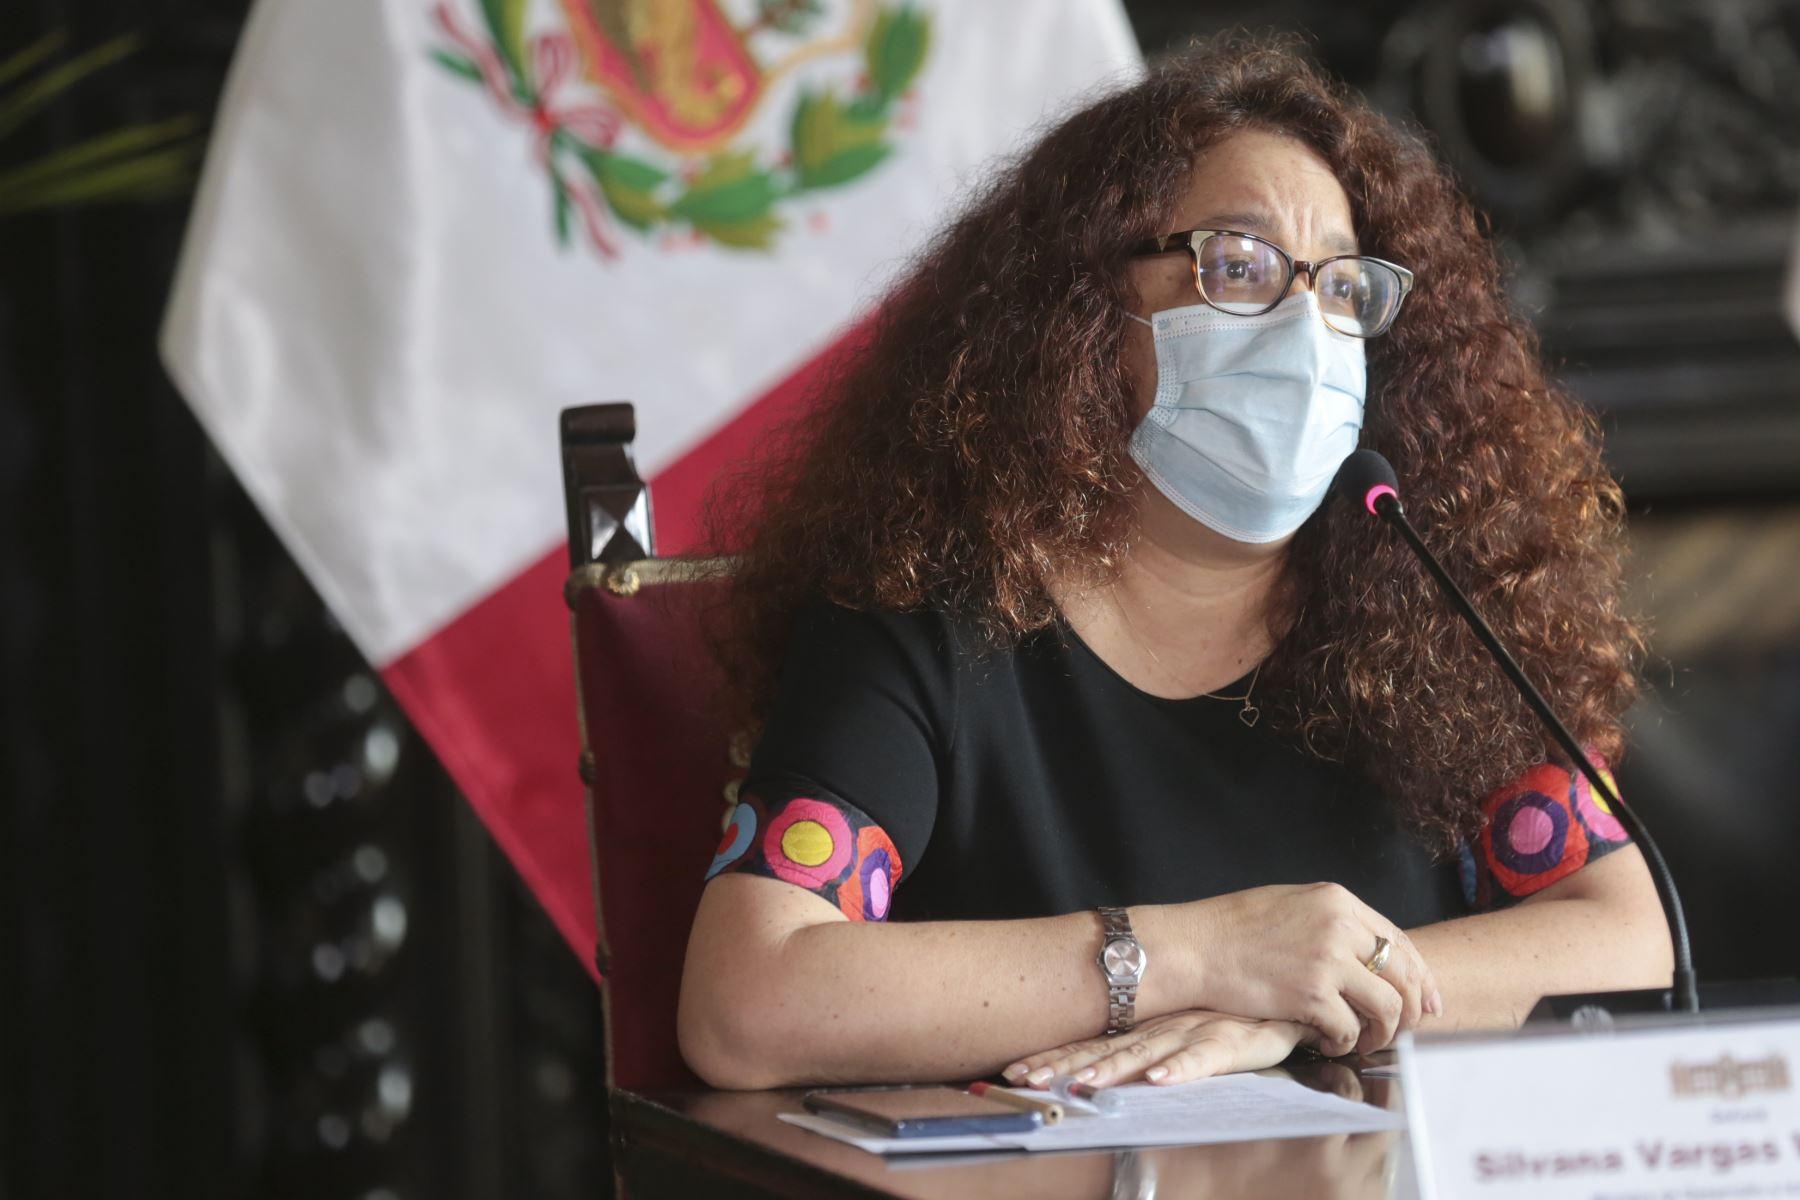 Ministro de Desarrollo e Inclusión Social, Silvana Vargas  brinda conferencia de prensa  para detallar las medidas implementadas por el gobierno de transición y emergencia ante la pandemia. Foto: PCM